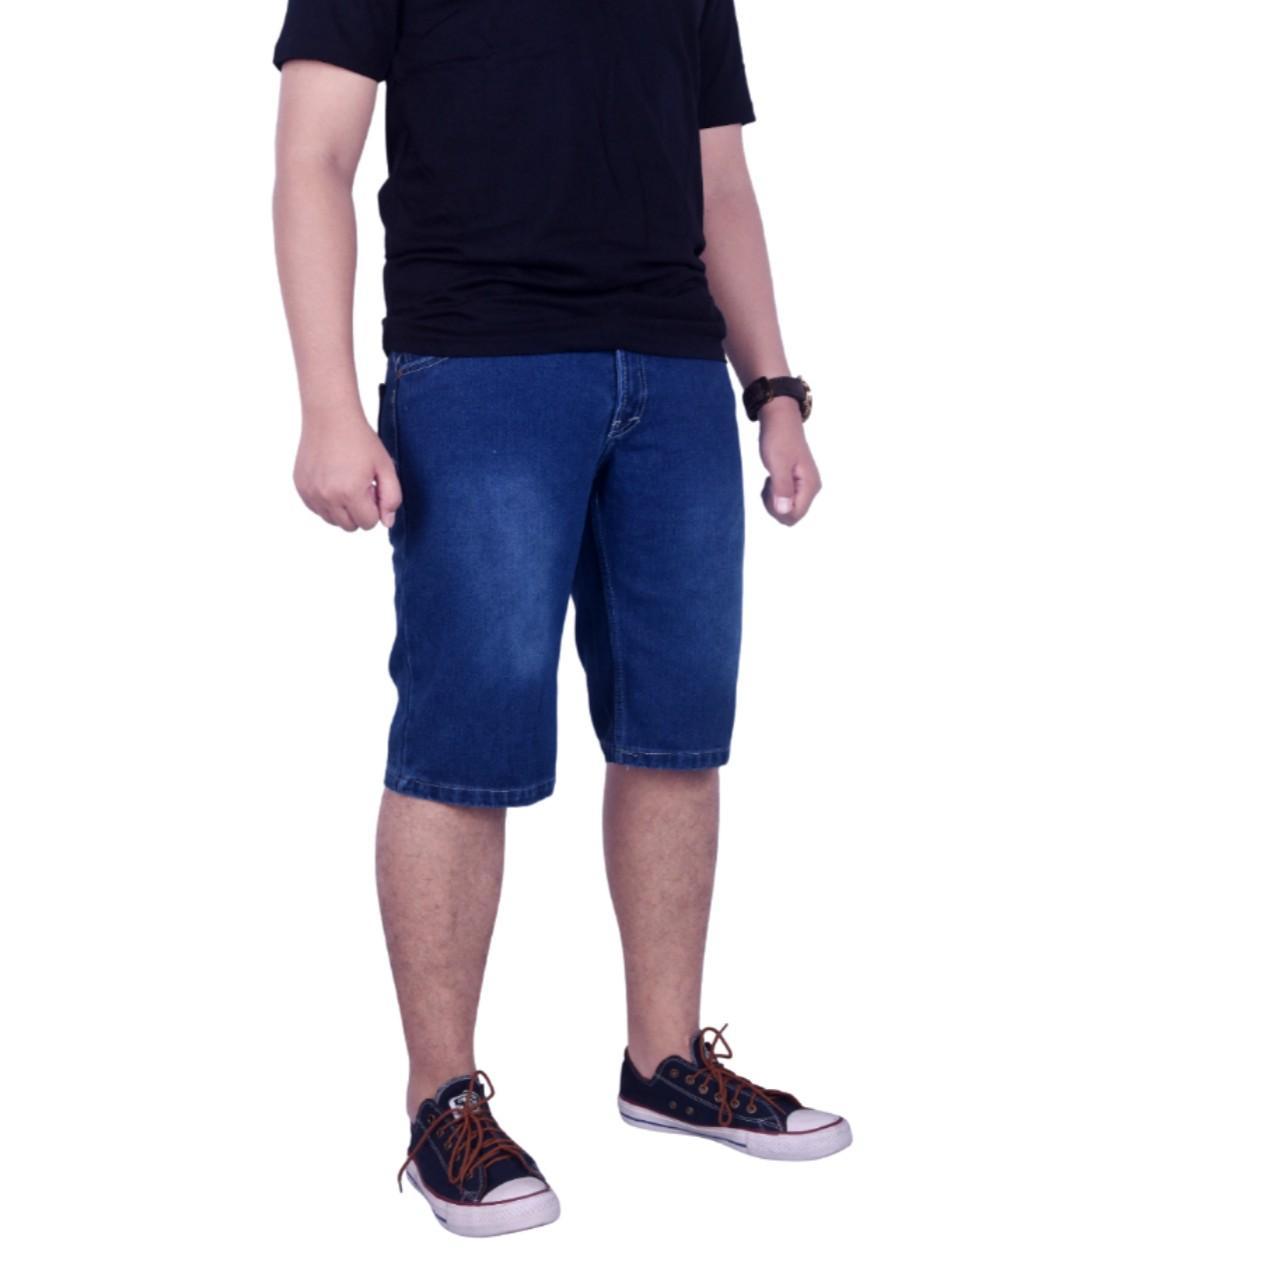 Dgm_Fashion1 Jeans Pendek Jumbo Biru Washing /Jeans Pendek Denim Jumbo /Celana lepis/Celana Jeans Skinny Pria/Celana Panjang/ Celana Pria/Celana Casual/celana denim/celana jeans gede/jeans besar /CELANA JEANS big size/Celana Big Size/Jeans Gendut GI 5907 - 2